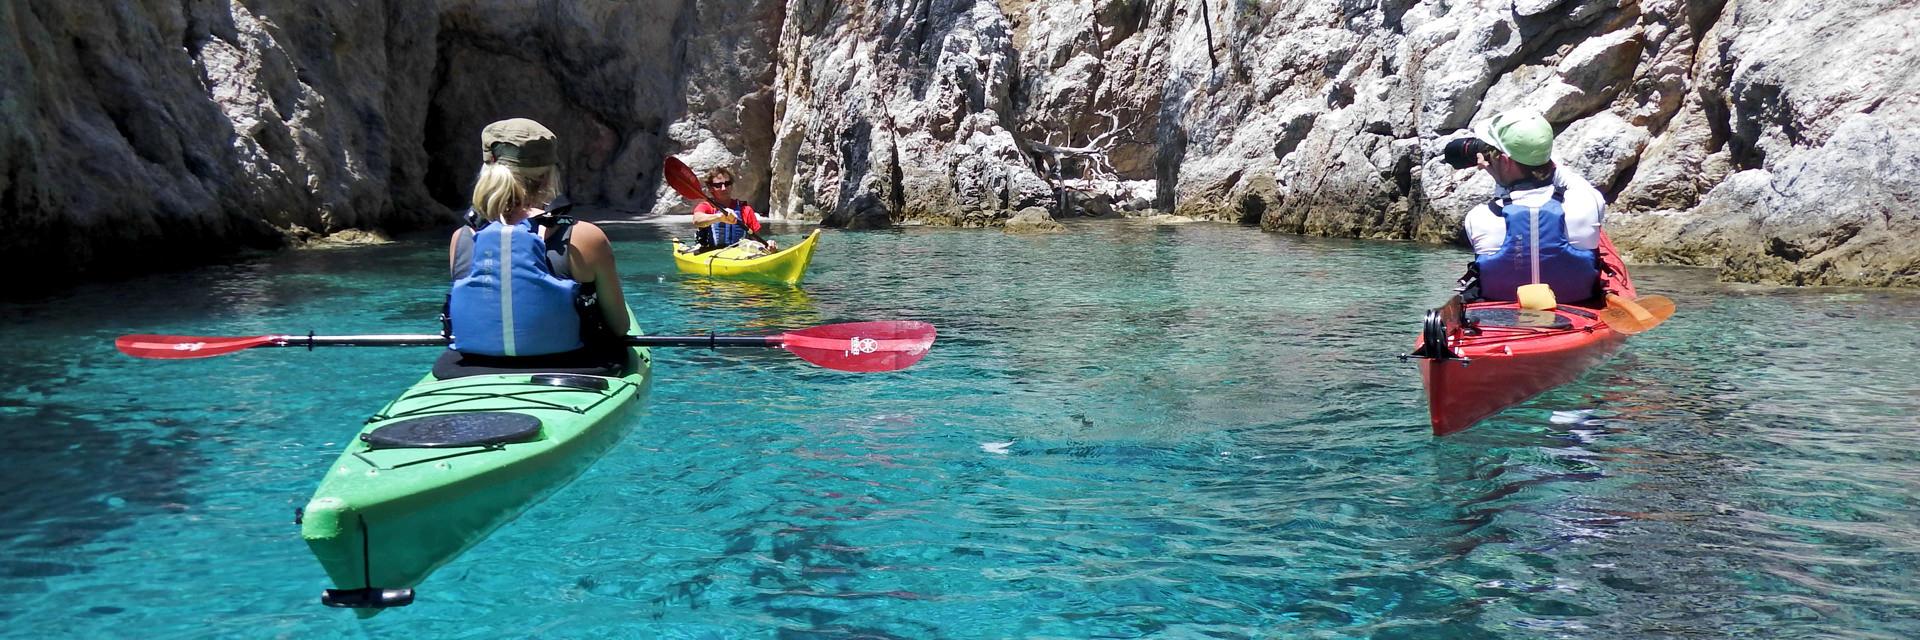 Media about kayaking